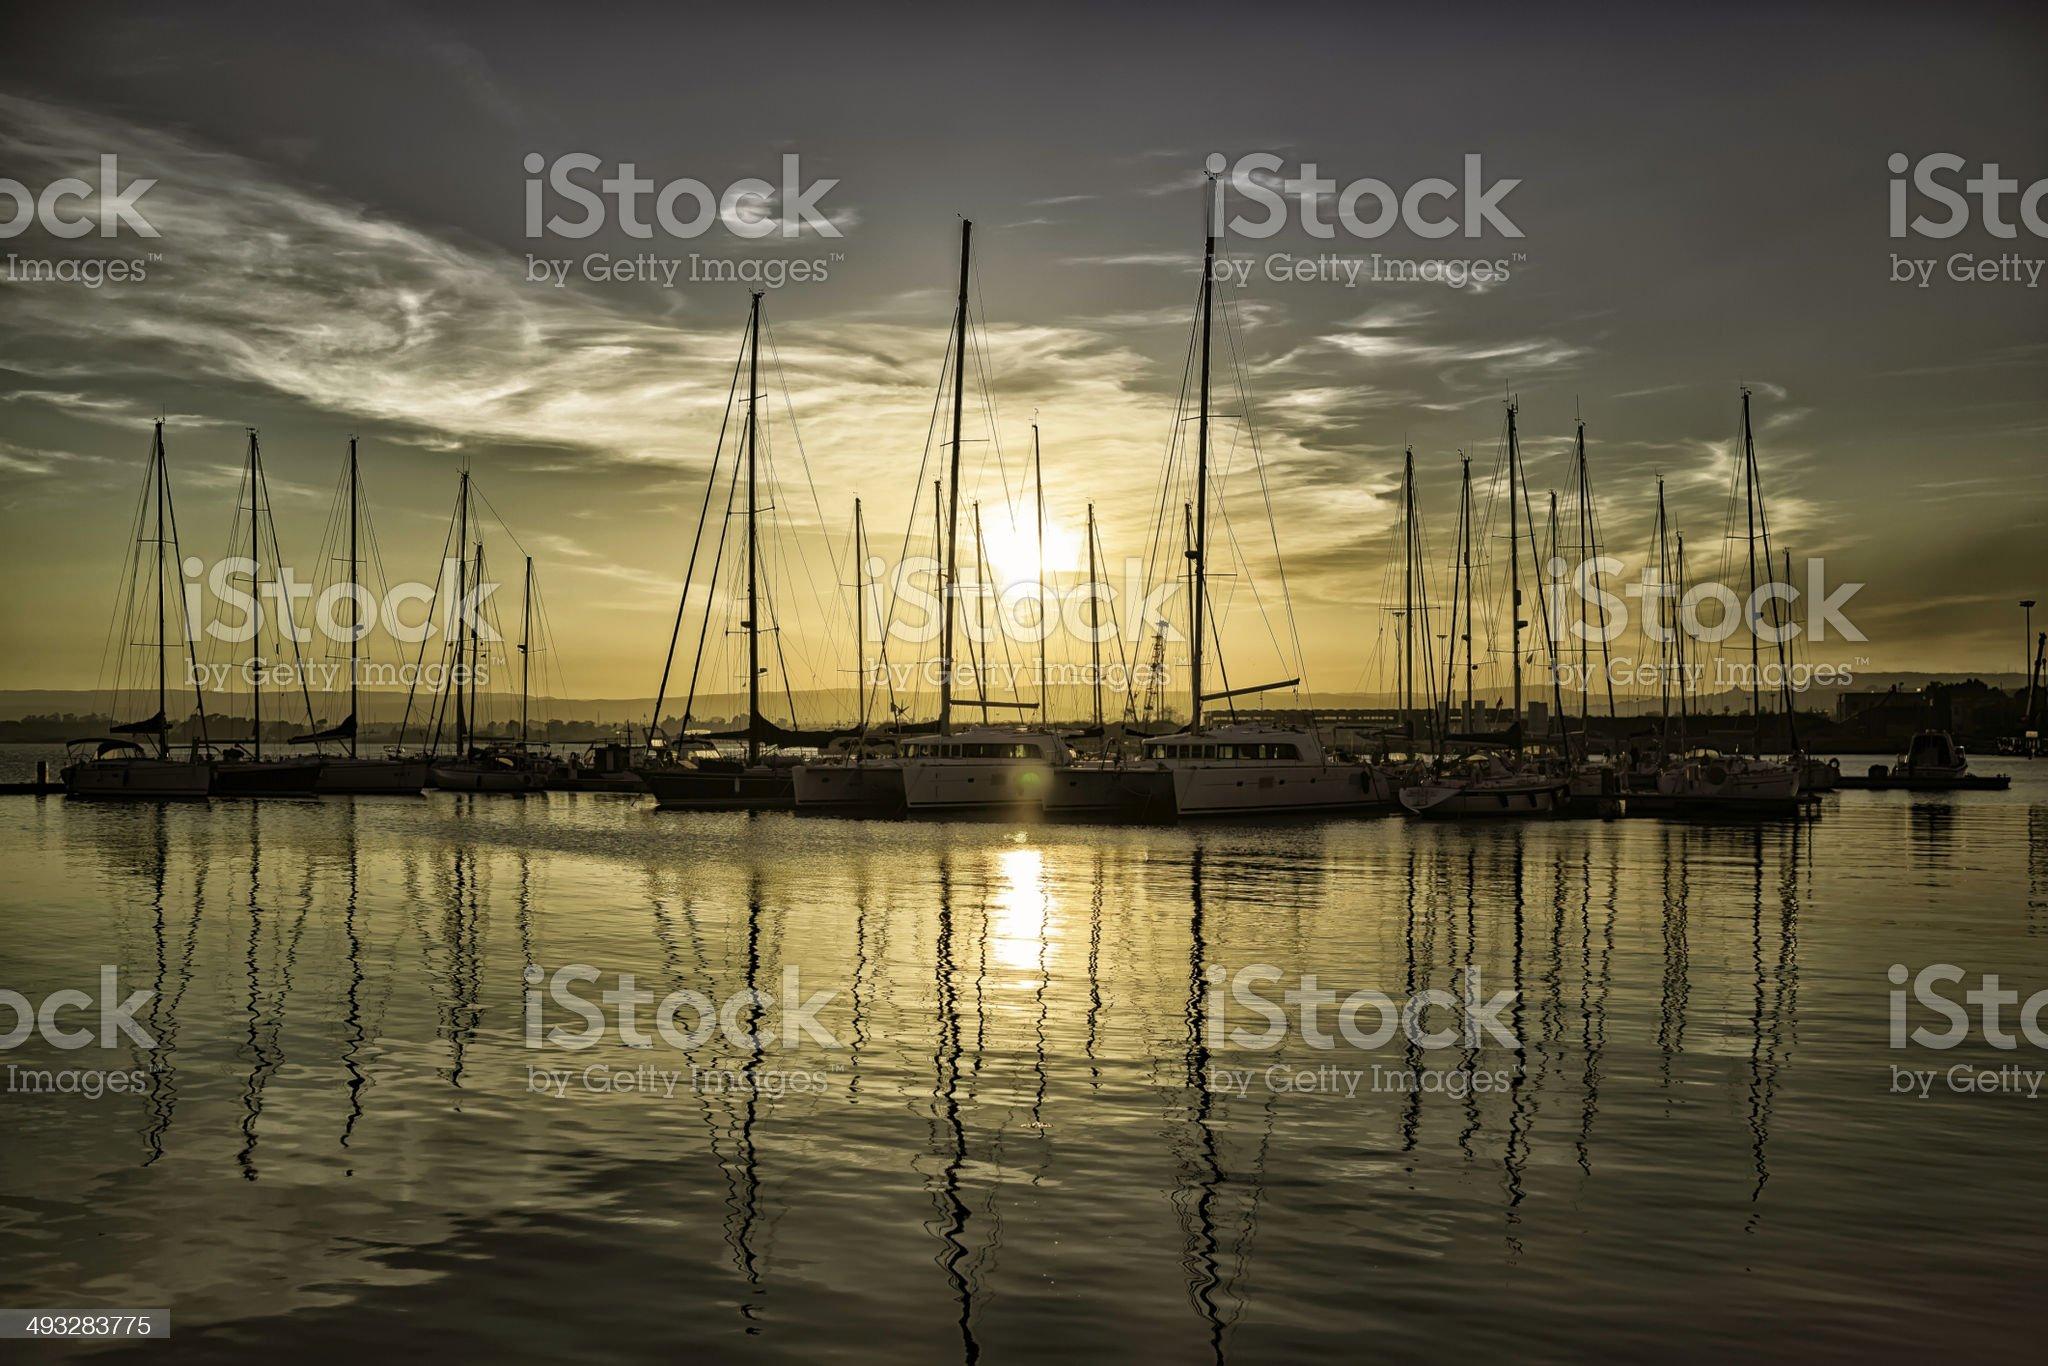 sailboats at sunset royalty-free stock photo